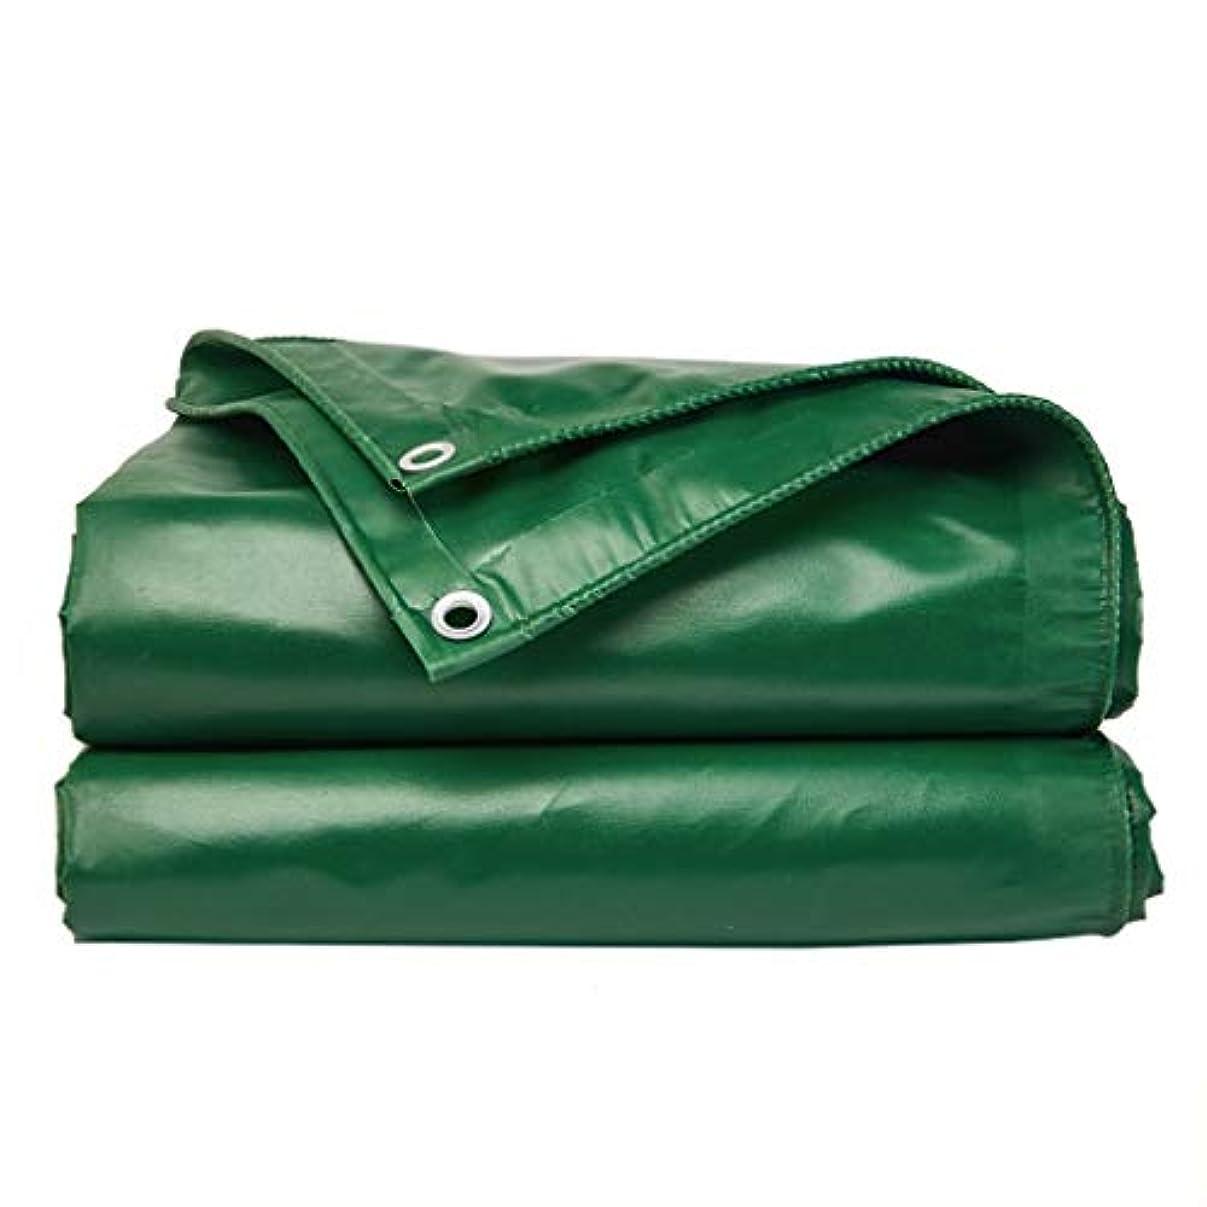 概して写真の可能性厚めの防水布トラック防水日除けターポリン屋外車キャンバスレインクロスターポリン防水布ターポリン (Color : Green, Size : 3x4m)